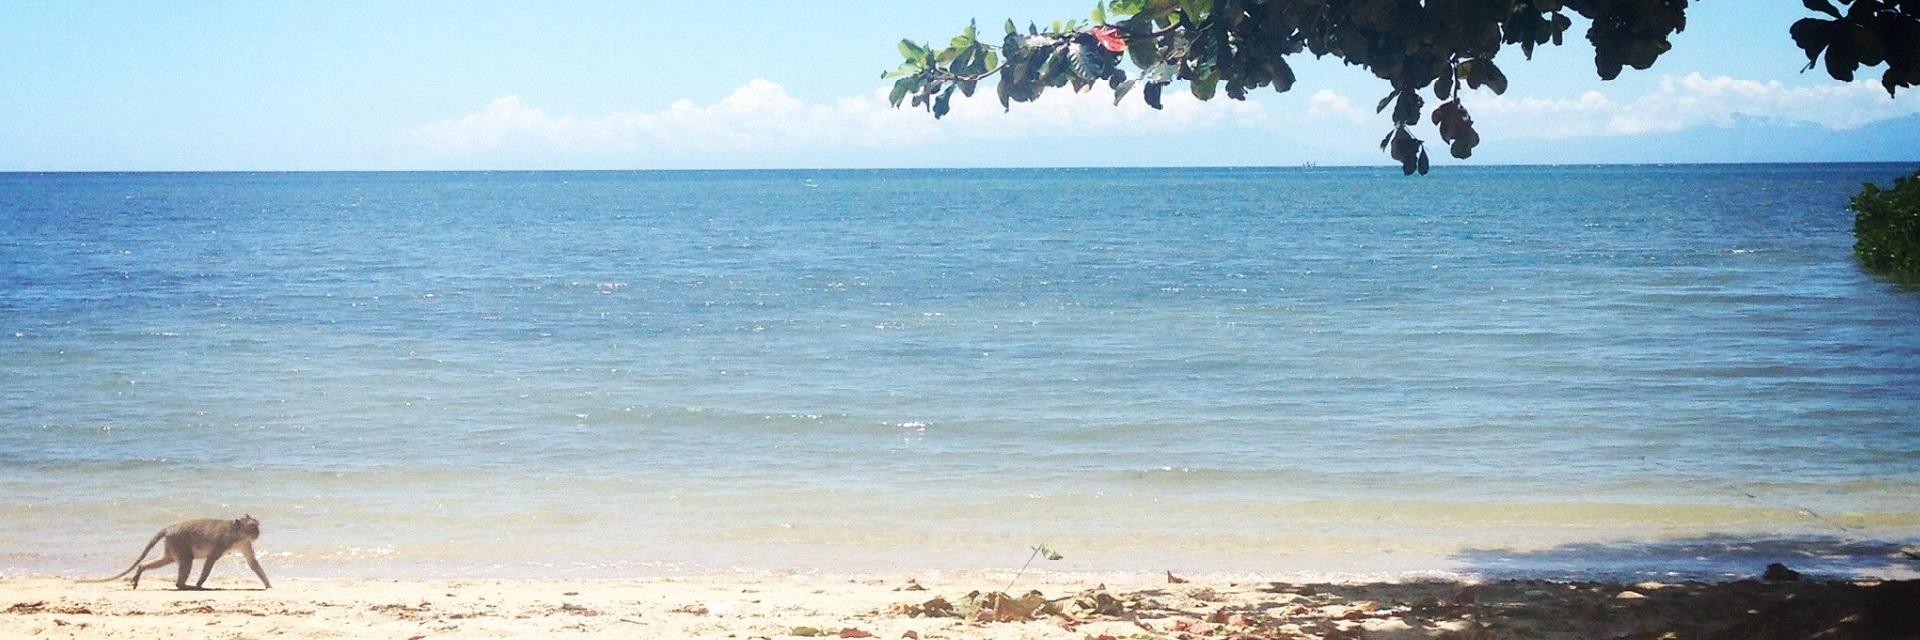 Pantai Krambilan, Malang, Kabupaten Malang, Dolan Dolen, Dolaners Pantai Krambilan via Virtri - Dolan Dolen